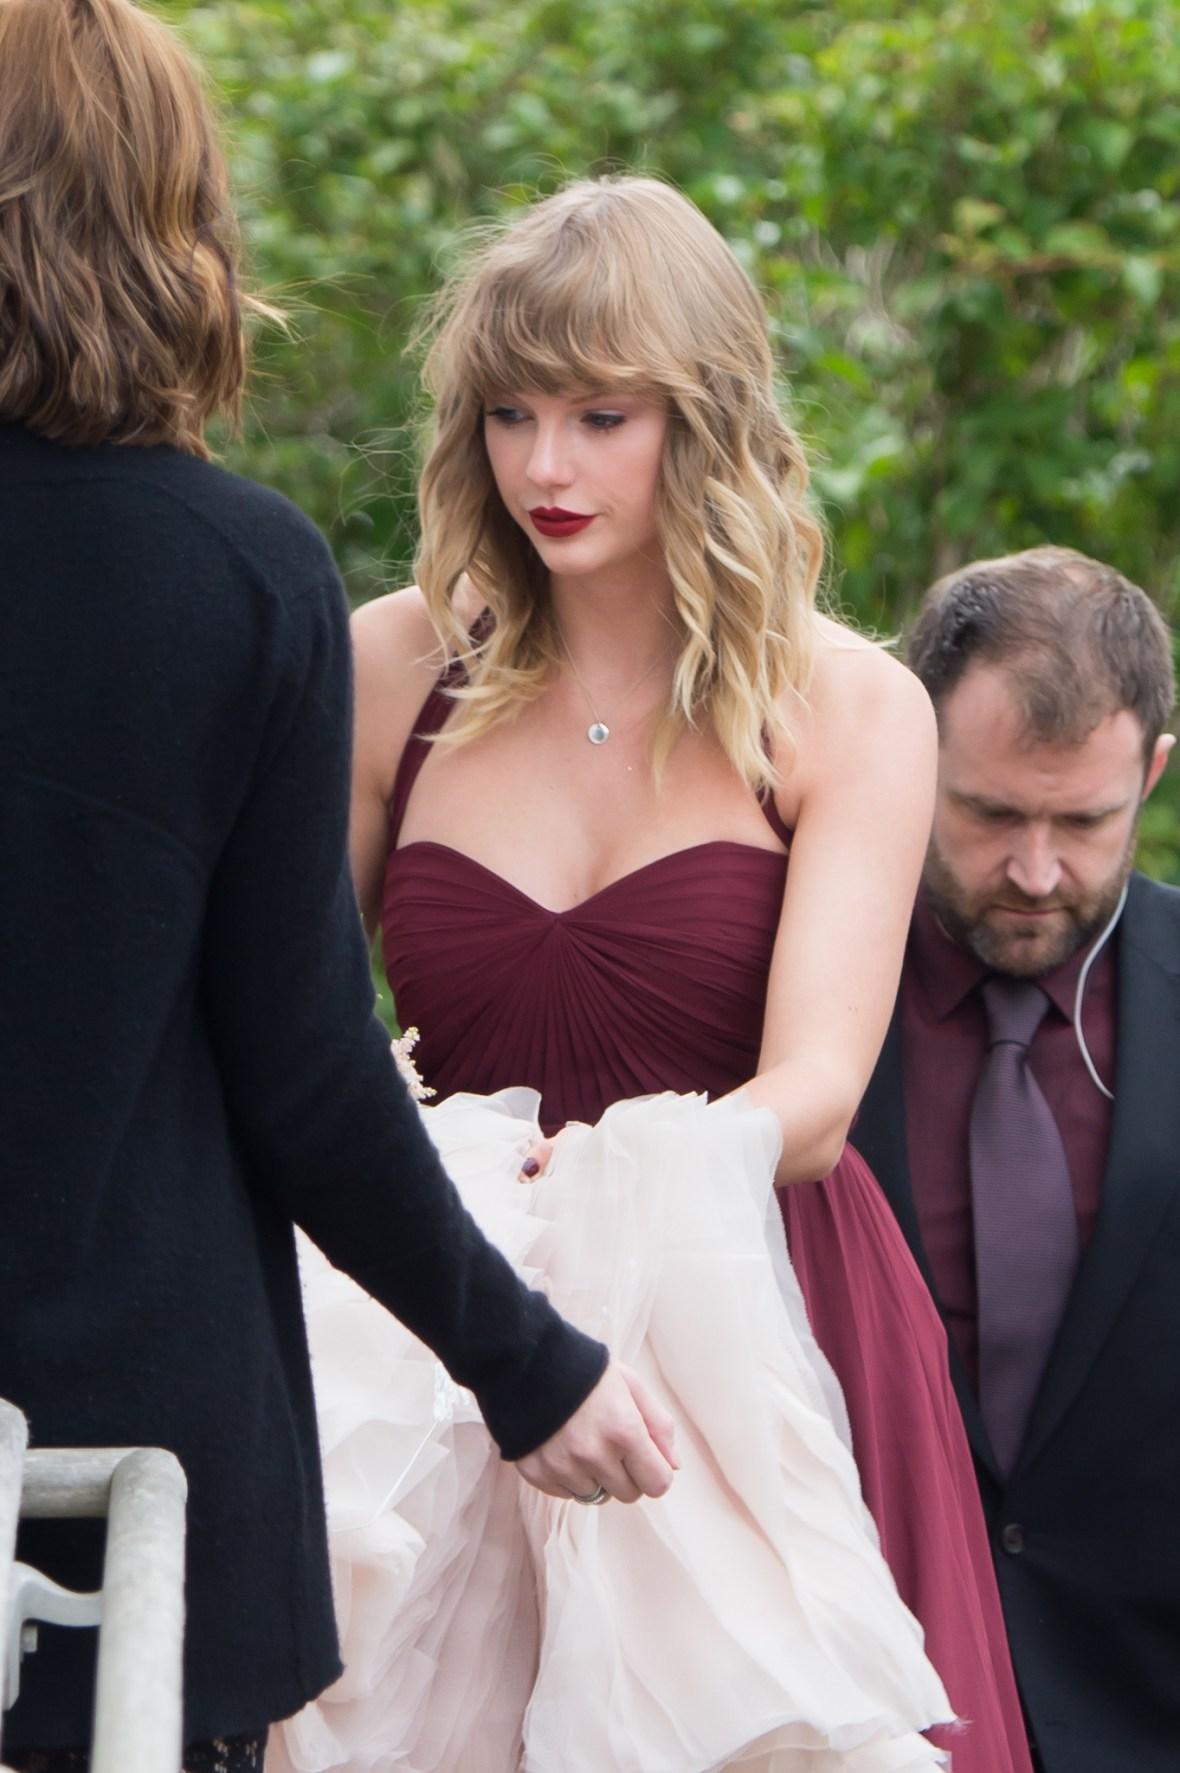 taylor swift bridesmaid 2